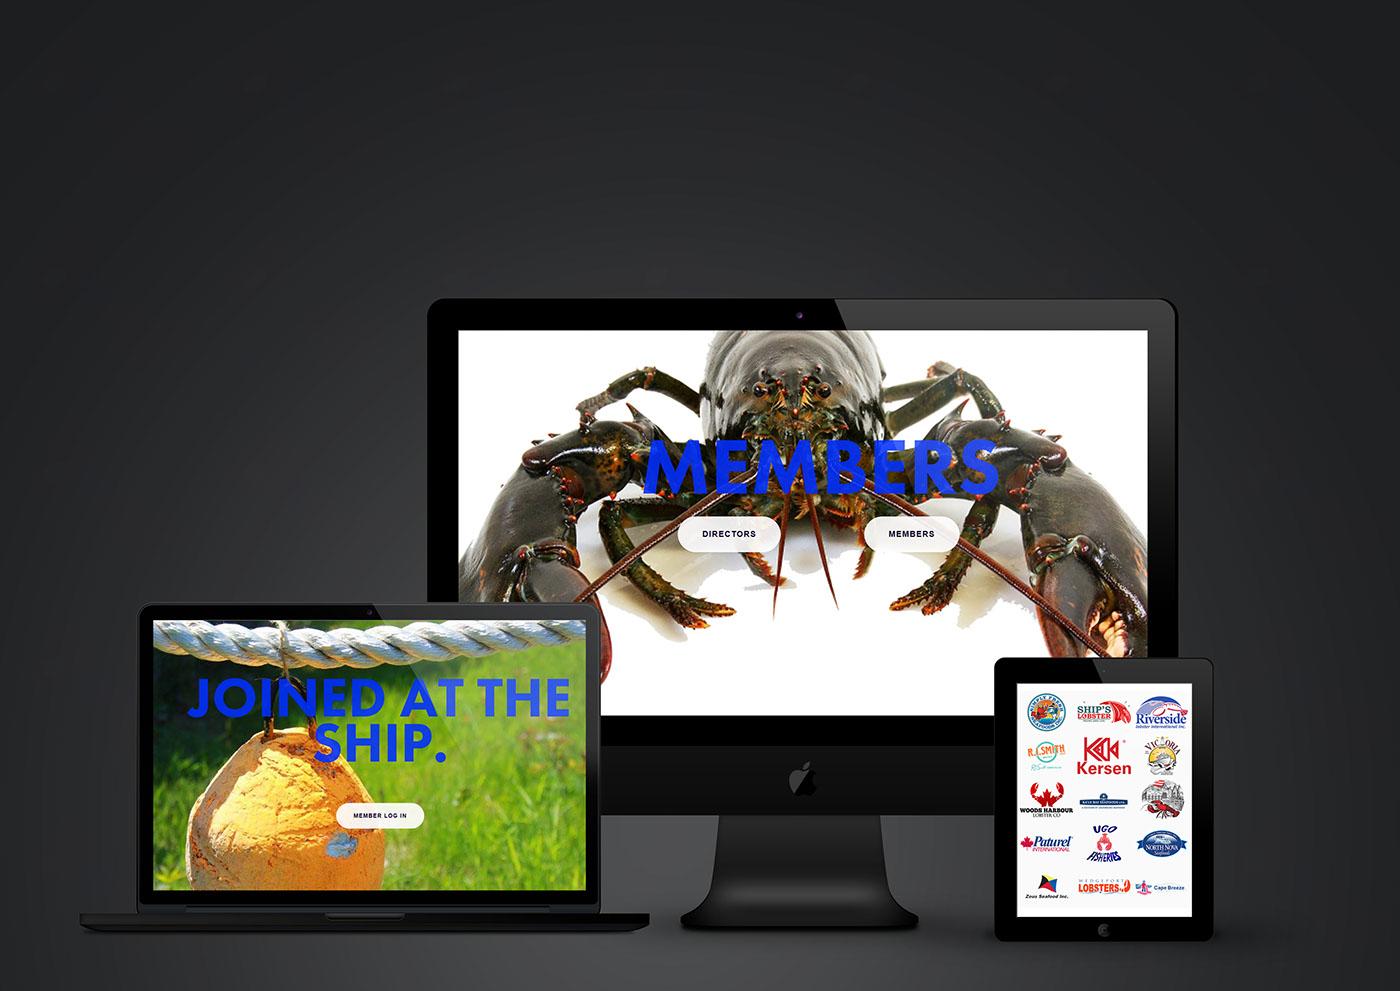 seafood nova scotia lobster fish Web Design  web development